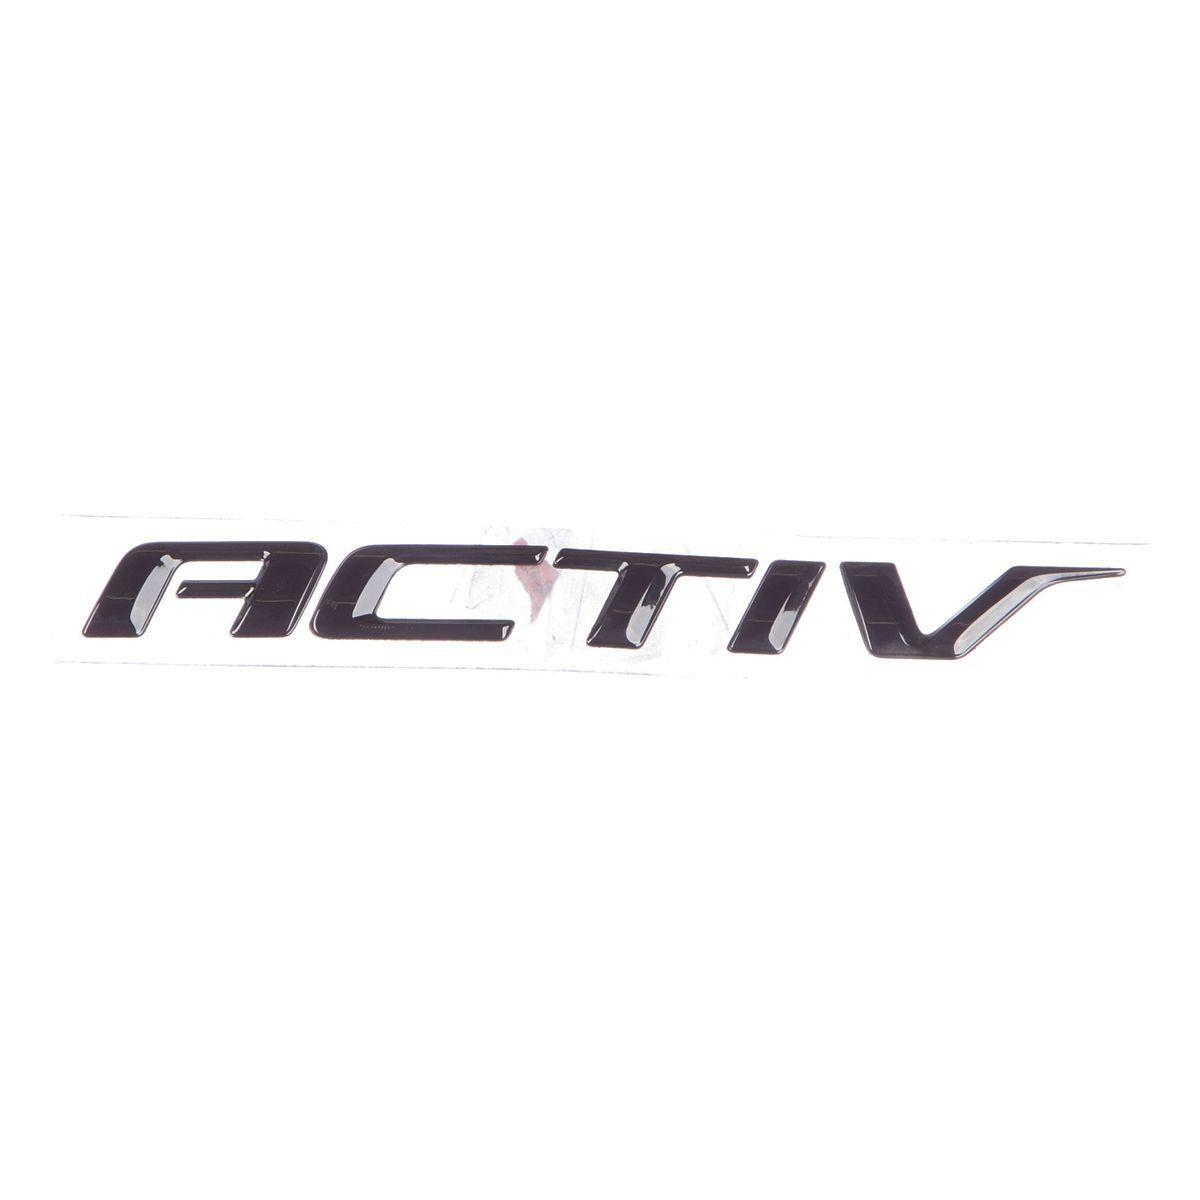 Emblema *activ* tampa traseira porta malas - Onix activ 2017 a 2019